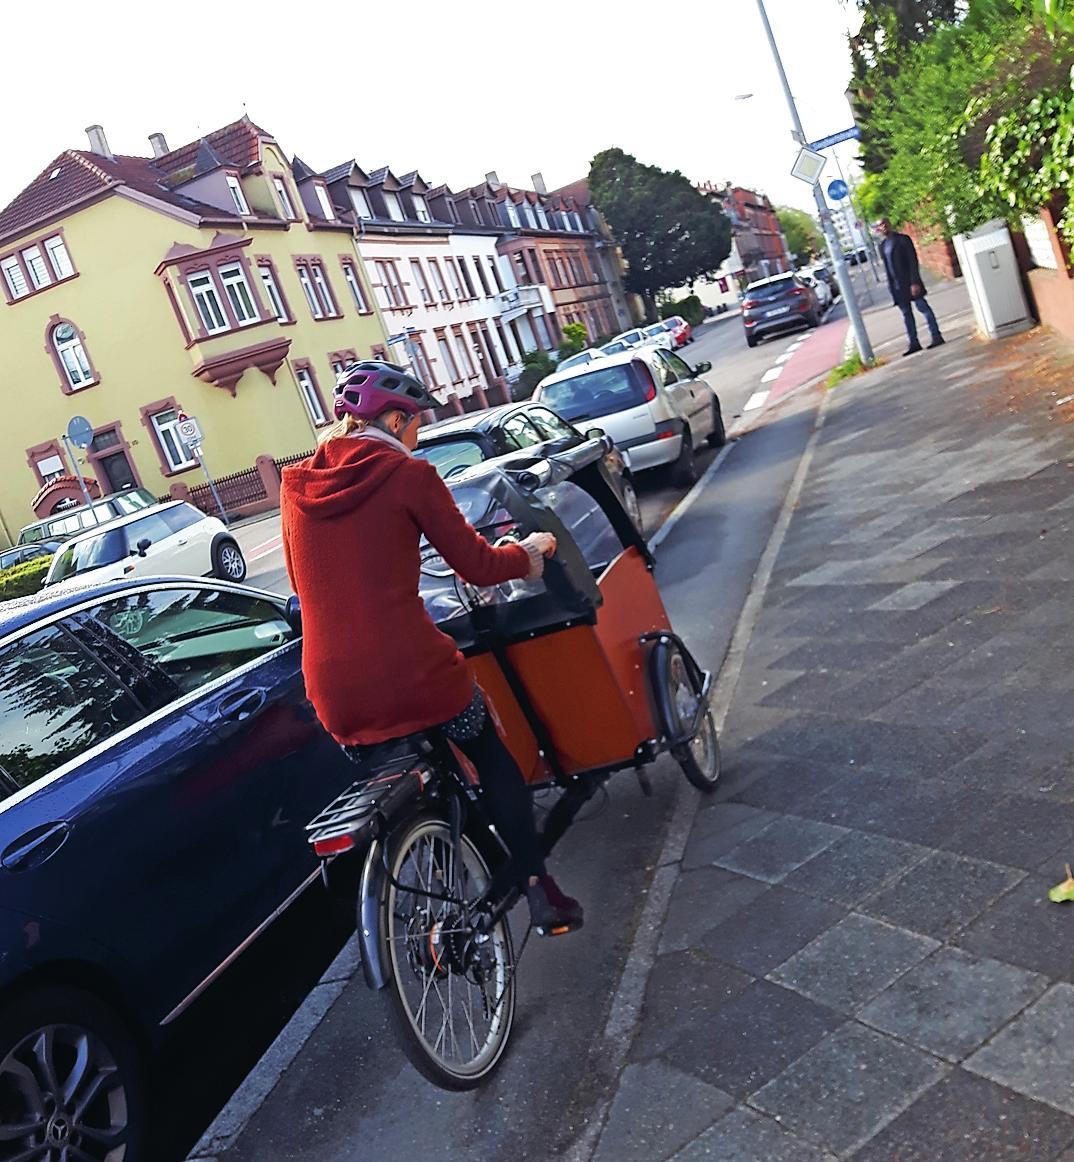 Ein gängiges Bild in der Domstadt: Kindertransport per Lastenrad. FOTO: ANTJE HANISCH